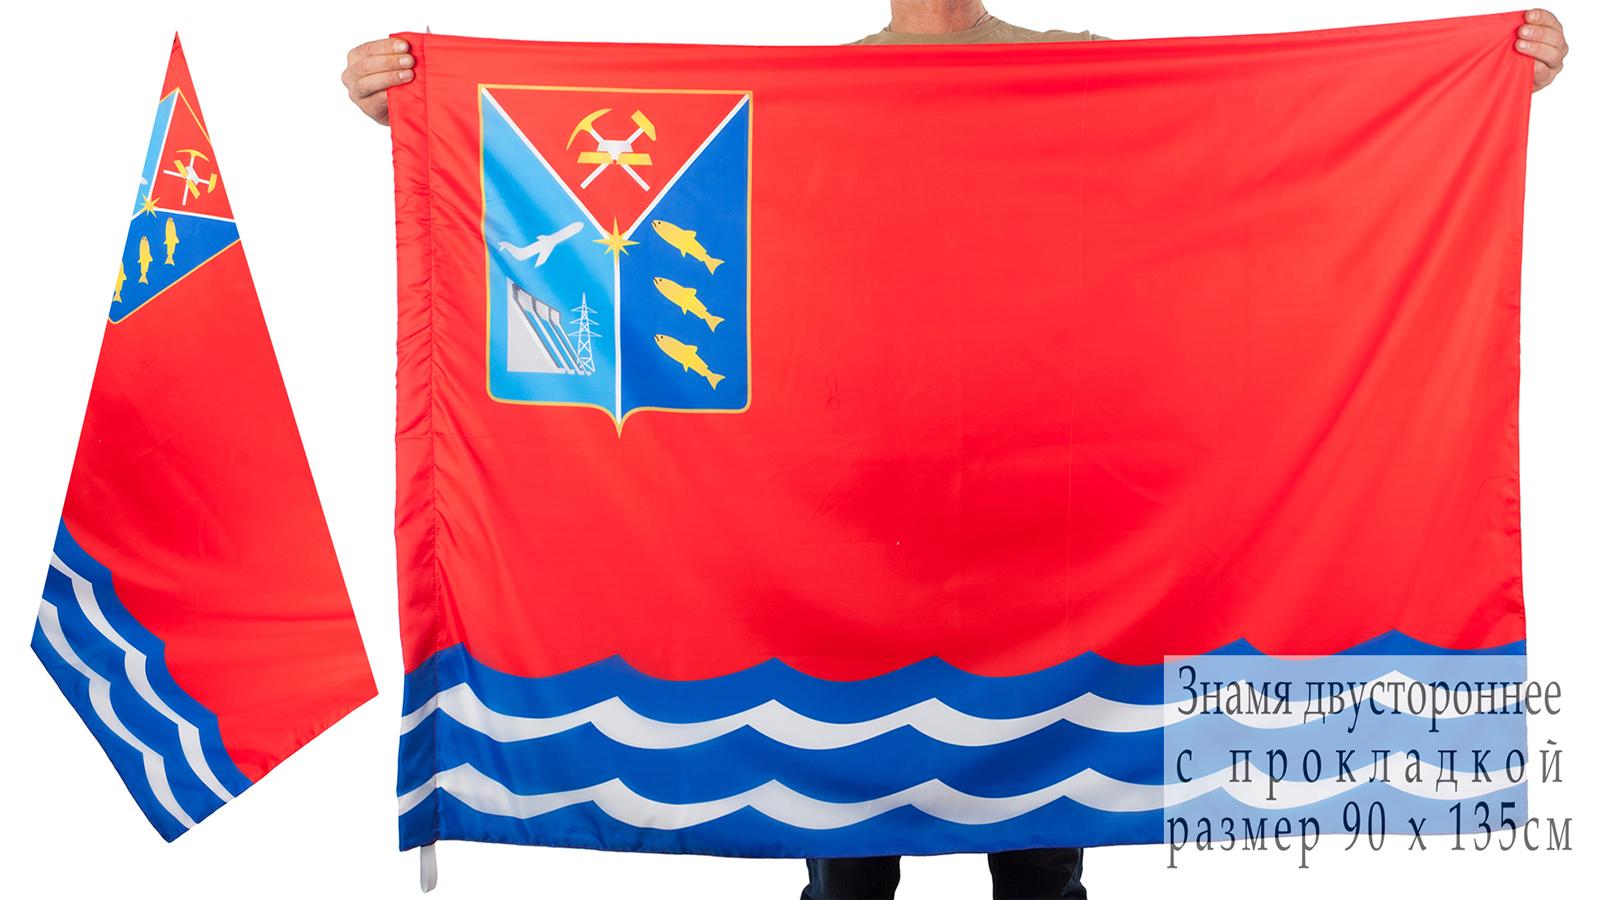 Двухсторонний флаг Магаданской области